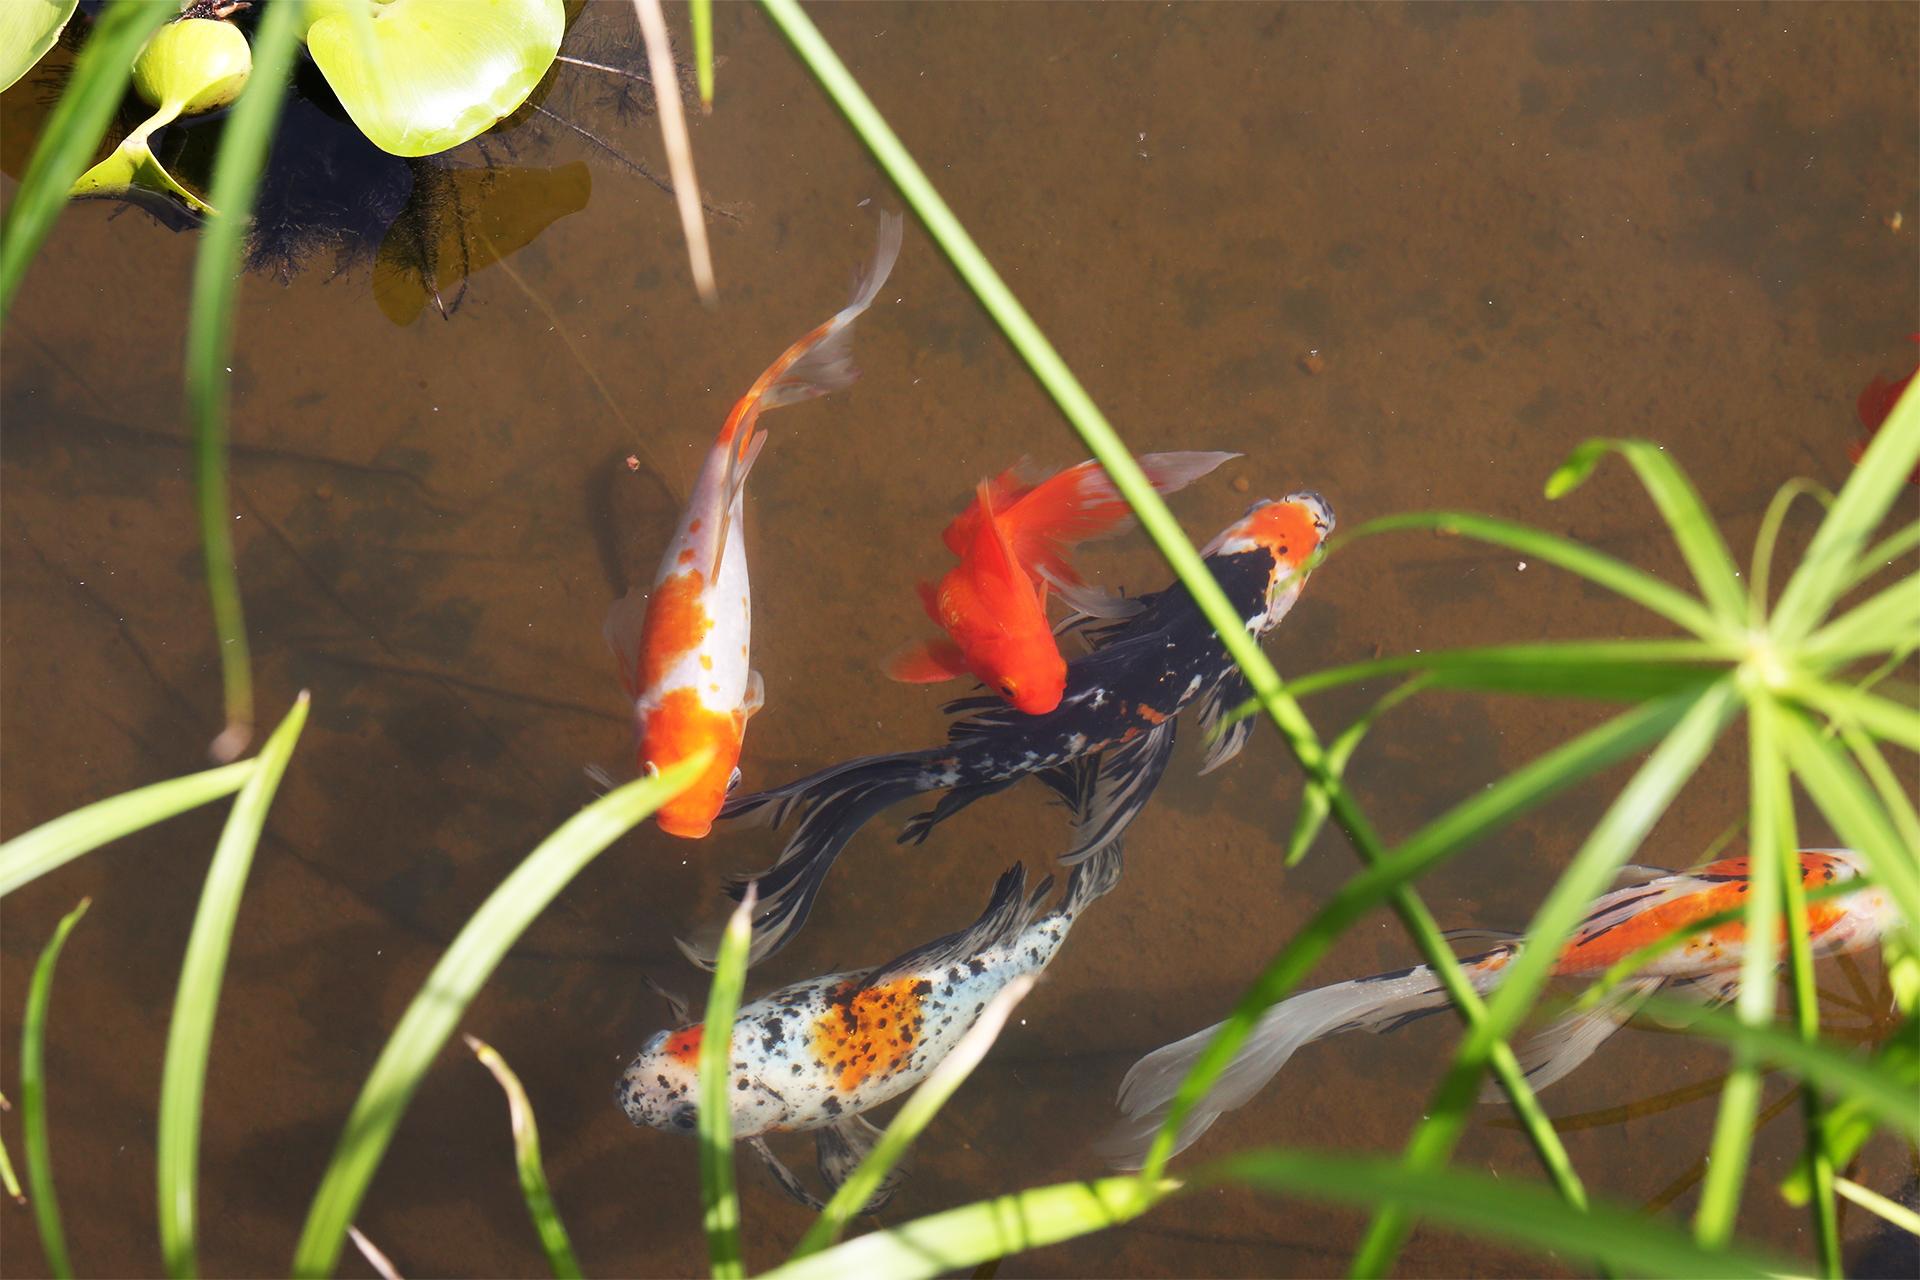 В Ботаническом саду Кирова появились золотые рыбки